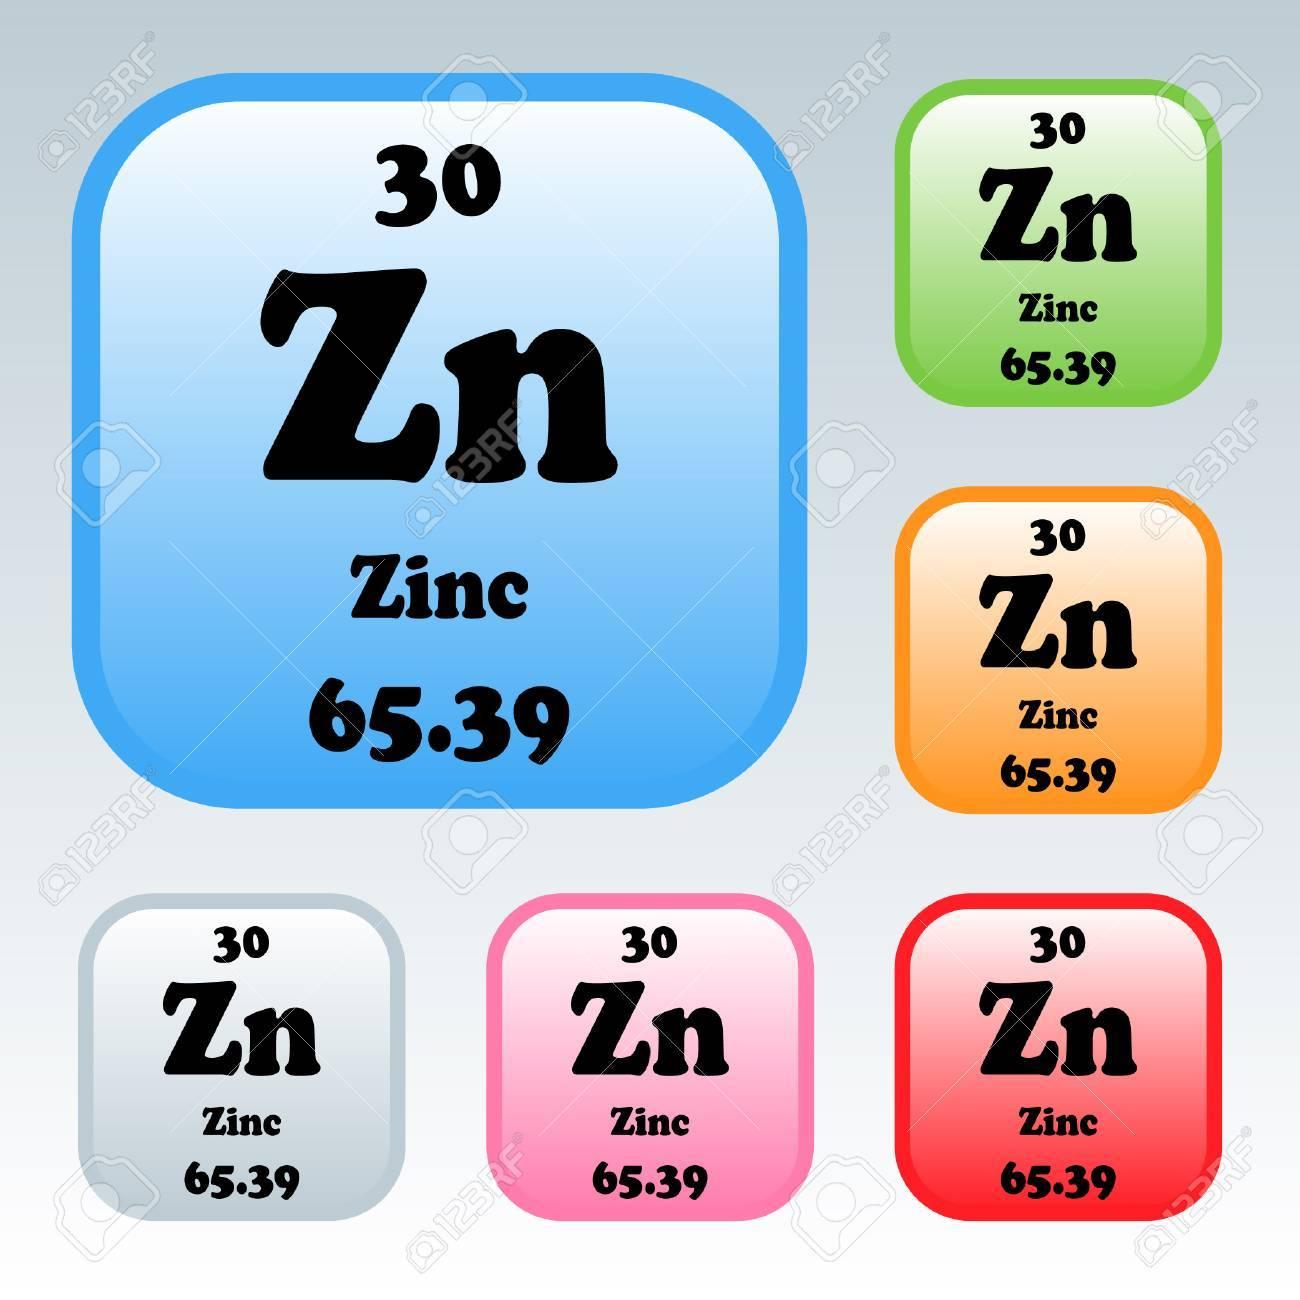 La tabla peridica de los elementos de zinc ilustraciones foto de archivo la tabla peridica de los elementos de zinc urtaz Image collections